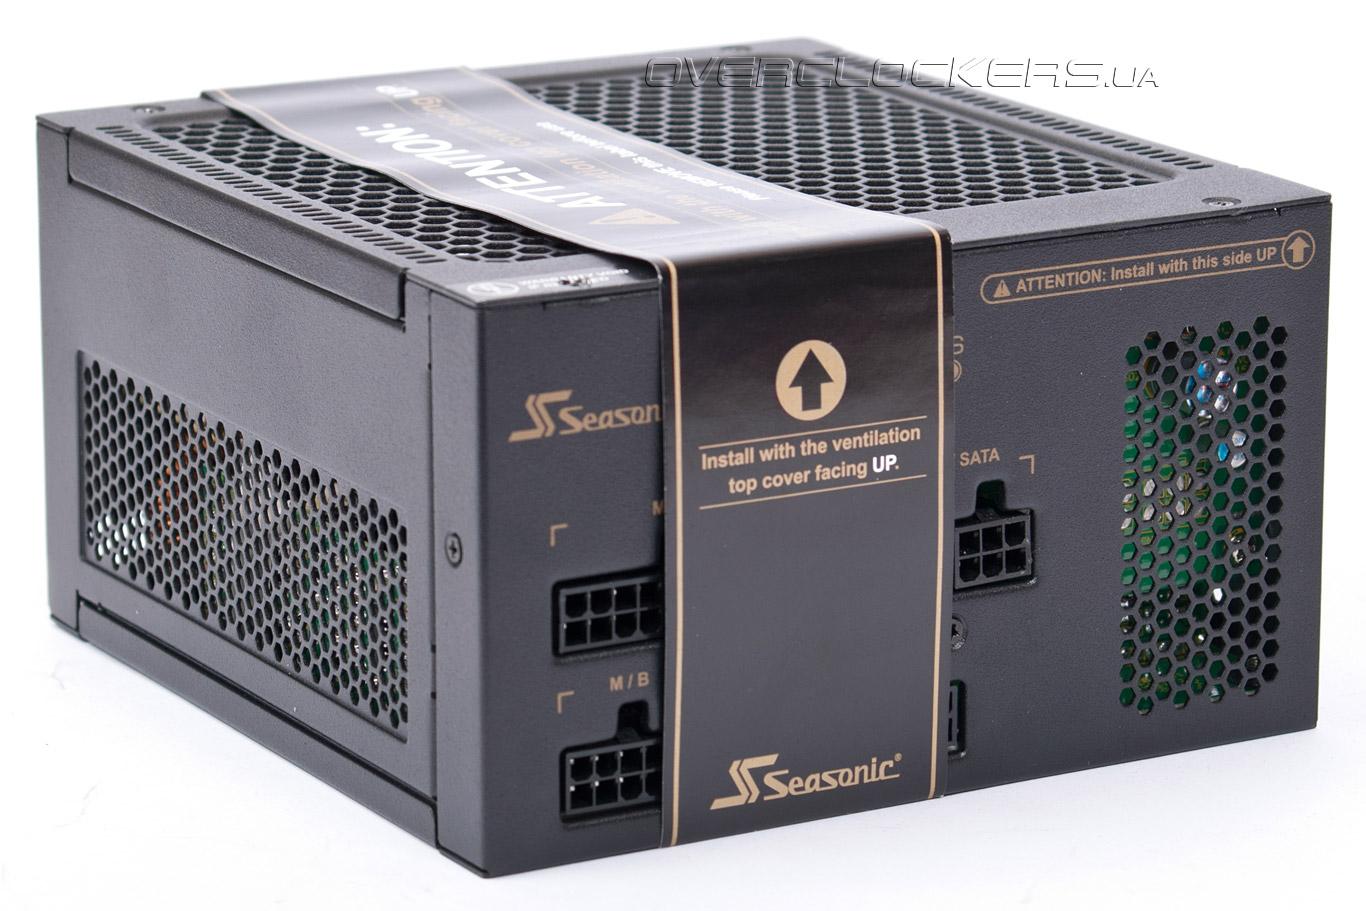 бп фирмы fsp модель atx450n схема,монтажная плата